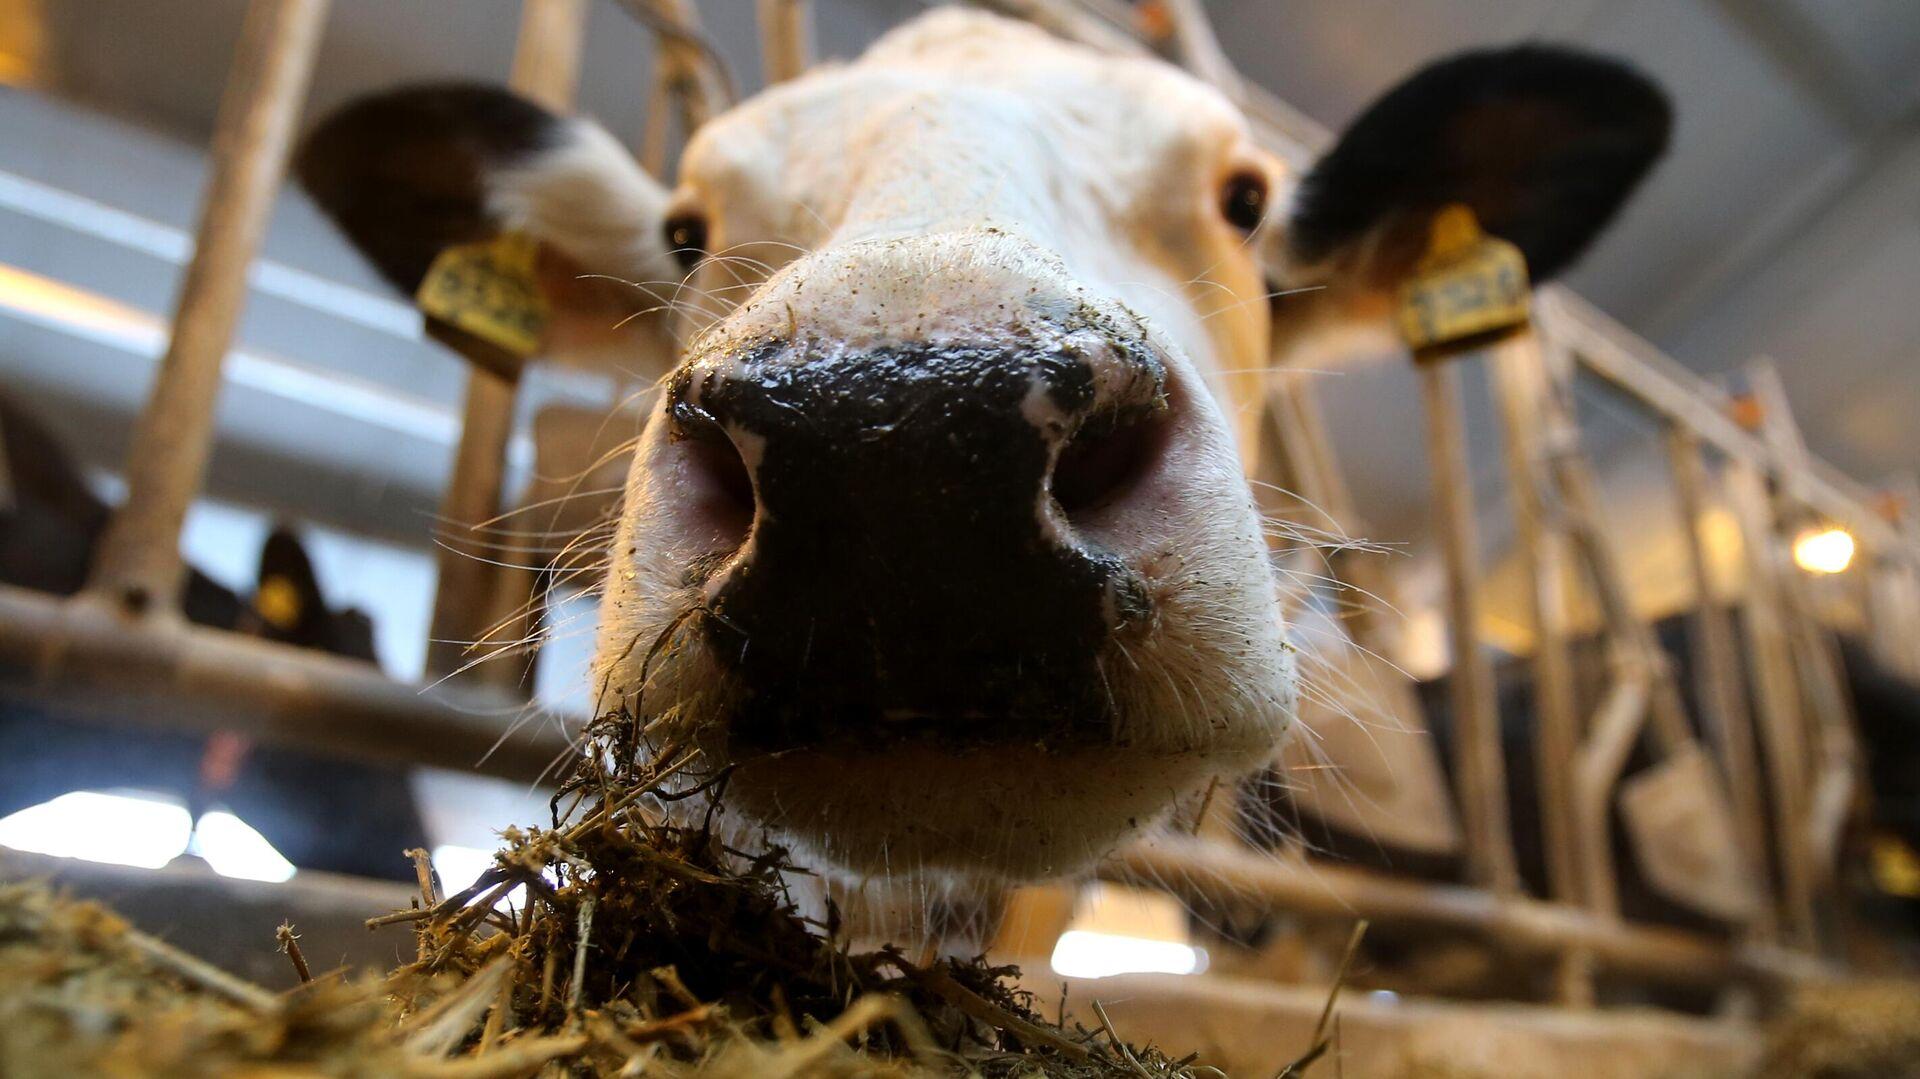 Корова на молочной ферме - РИА Новости, 1920, 12.06.2020